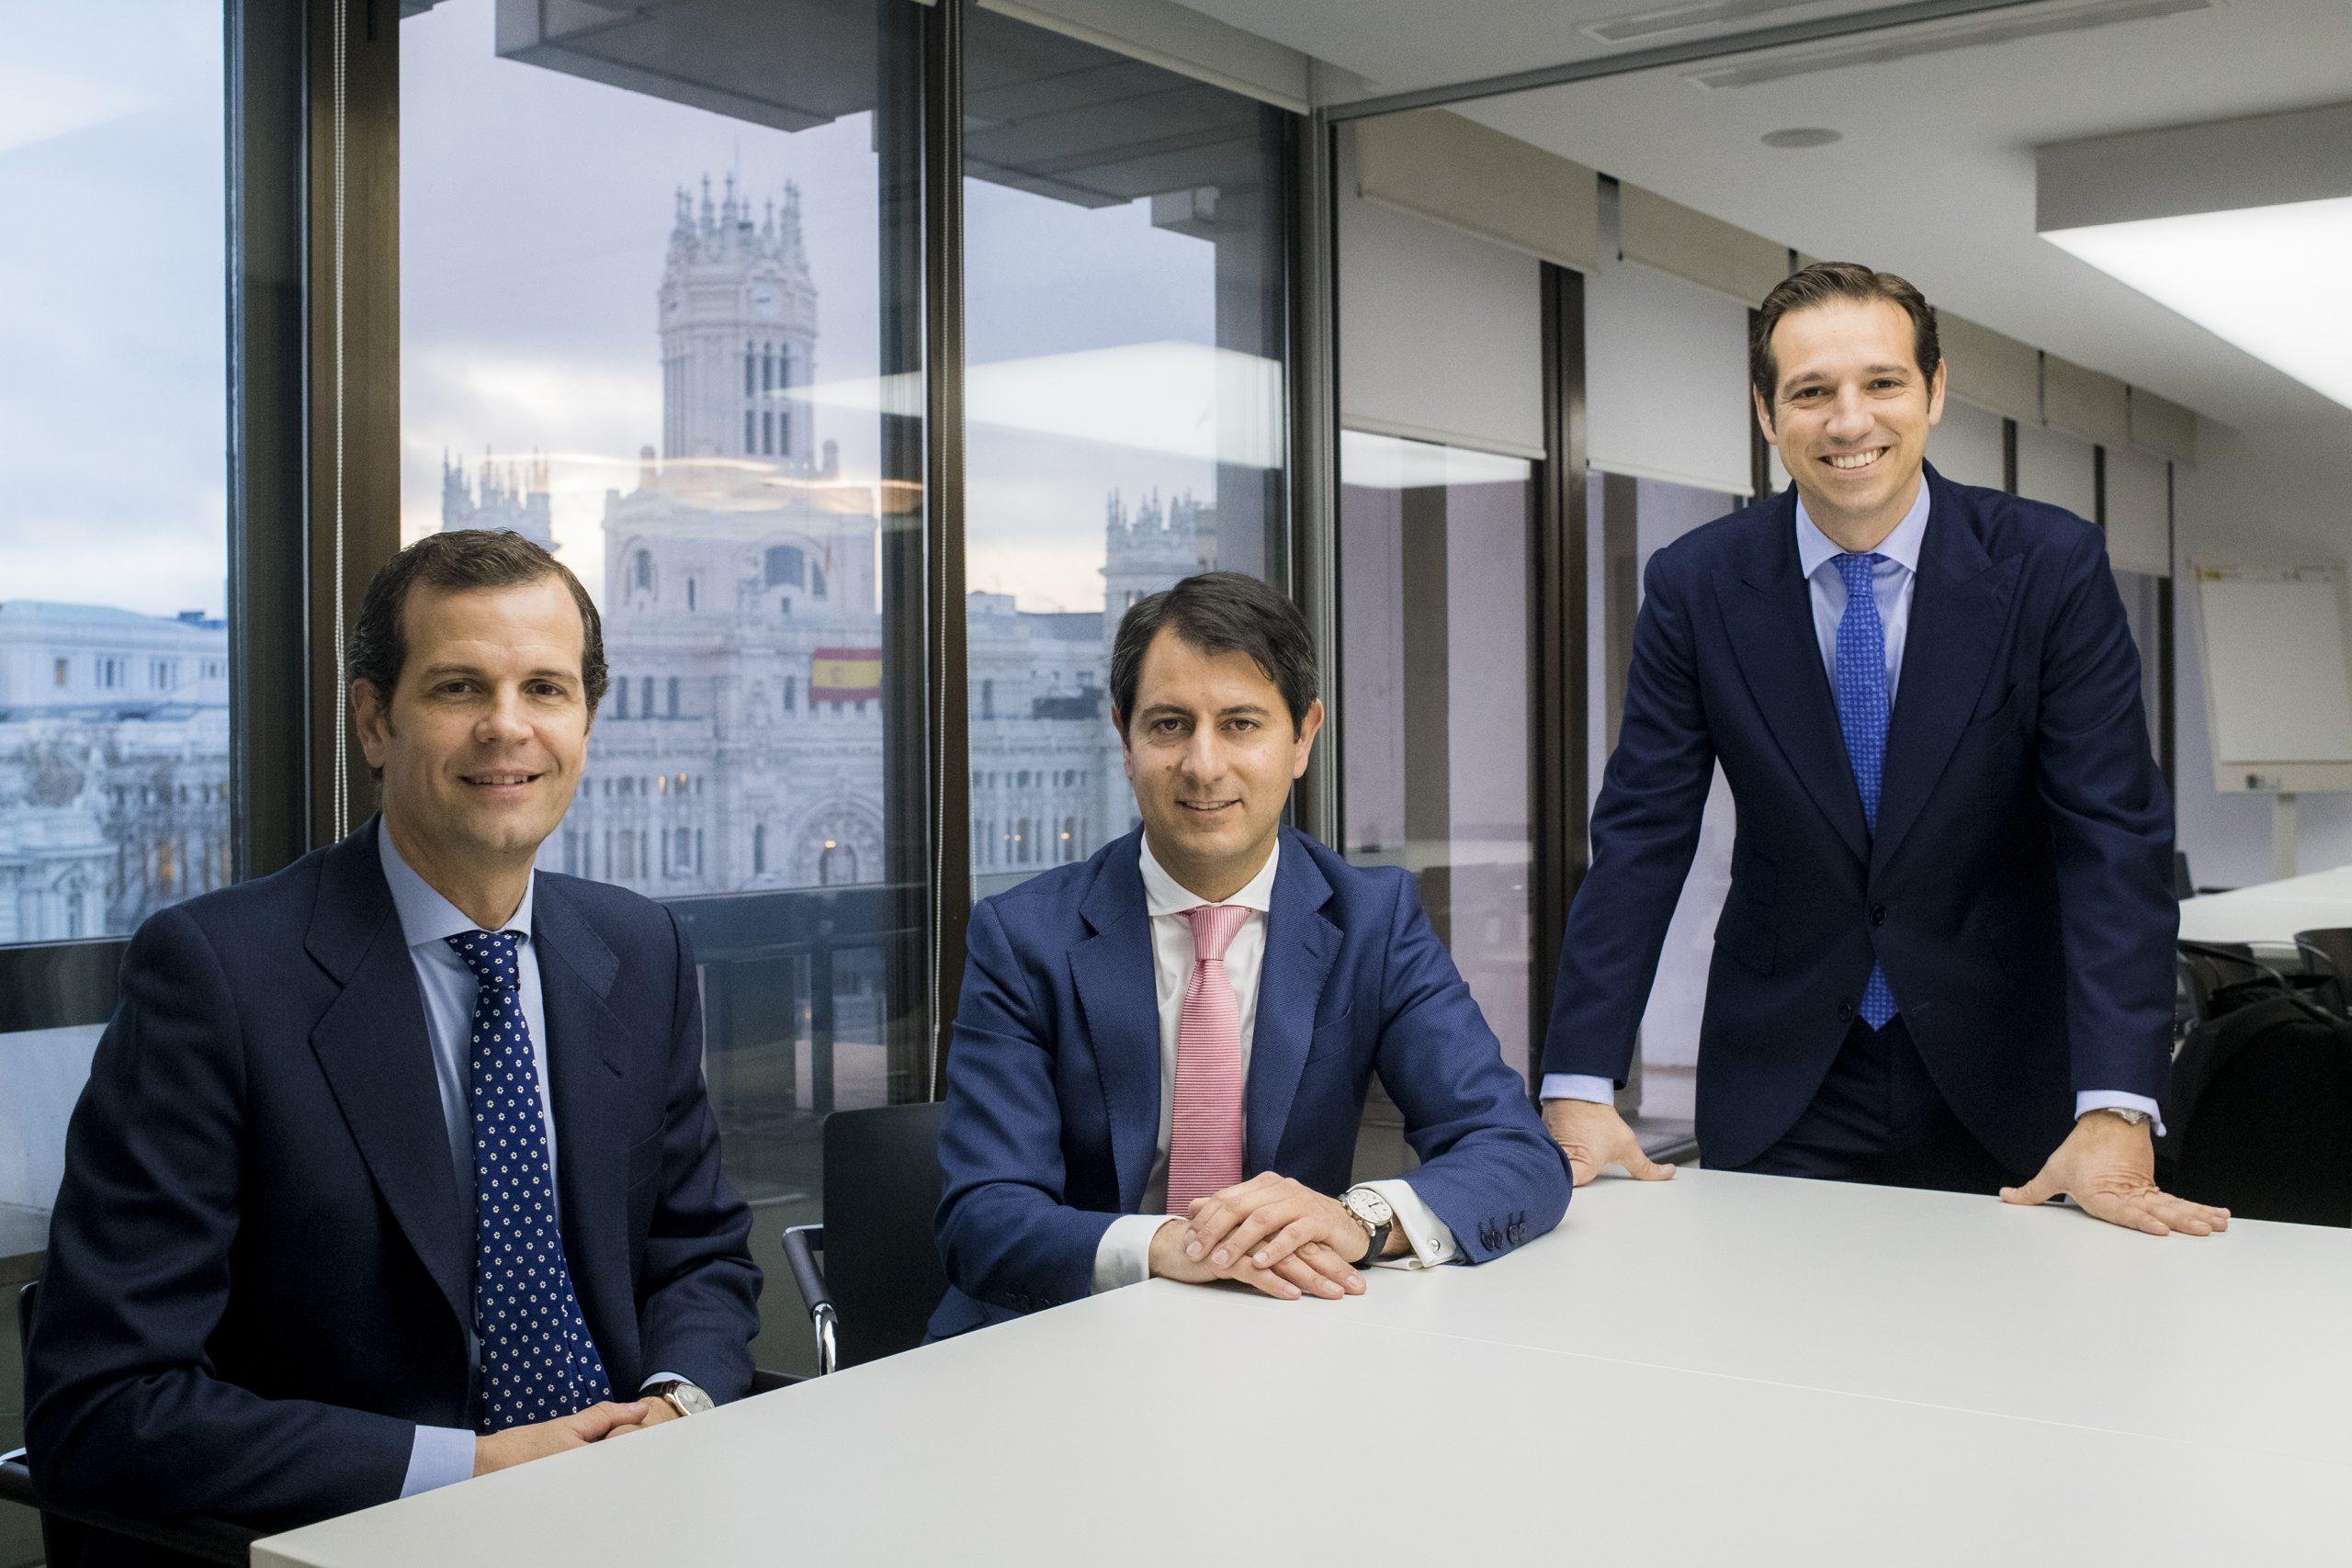 DAC Beachcroft España incorpora a una socia líder en litigación y arbitraje